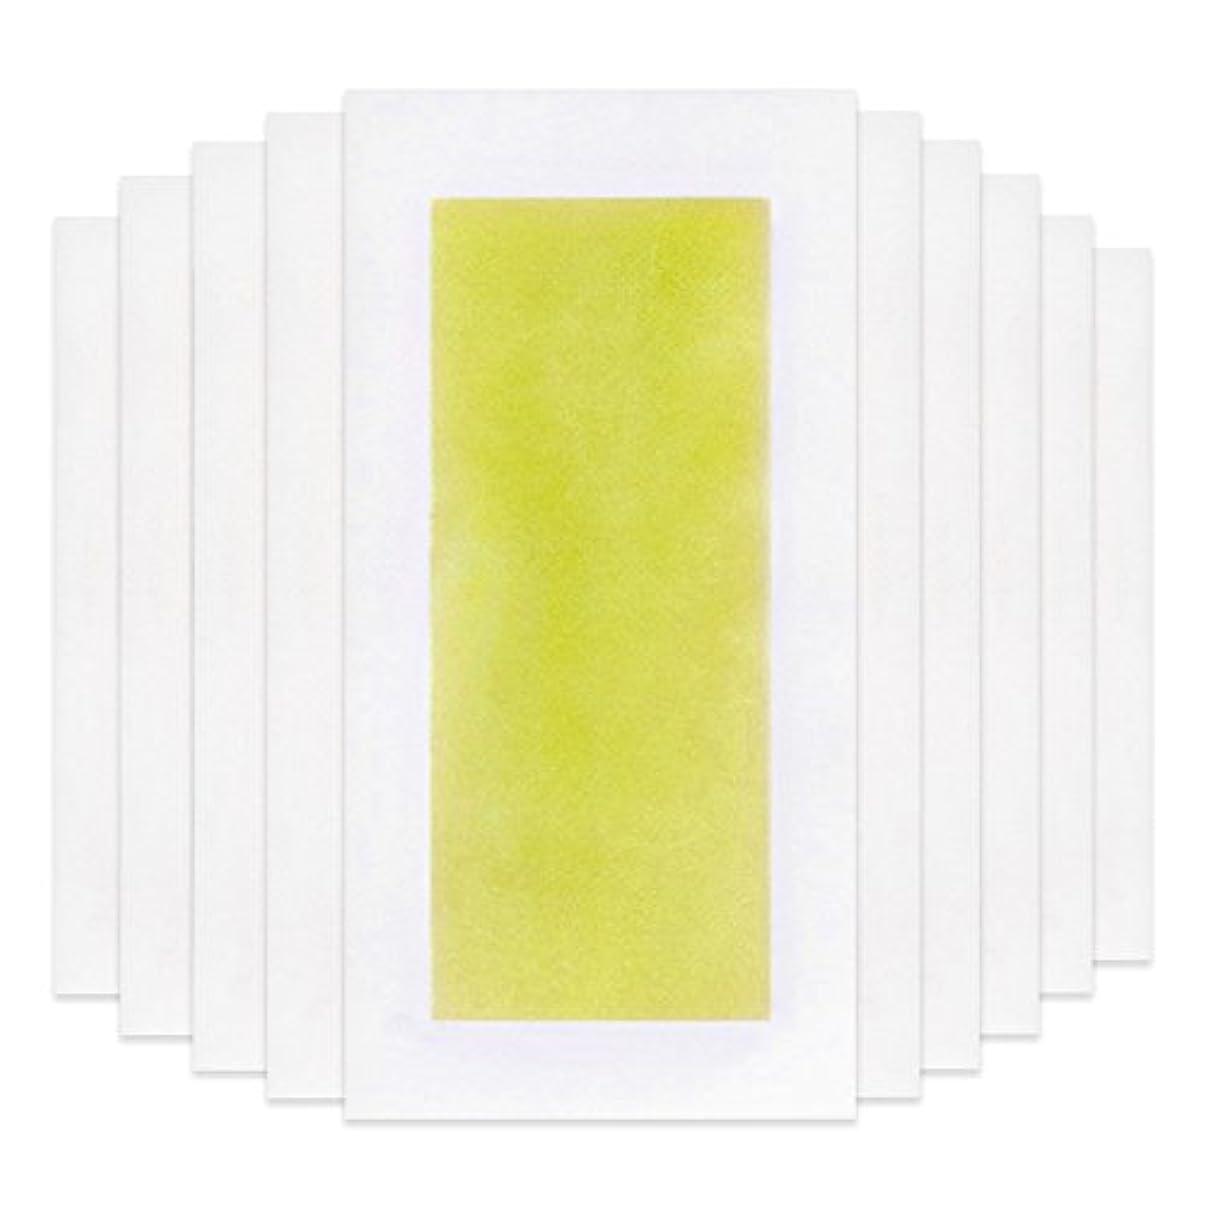 グループ誰が帳面Rabugoo 脚の身体の顔のための10個のプロフェッショナルな夏の脱毛ダブルサイドコールドワックスストリップ紙 Yellow